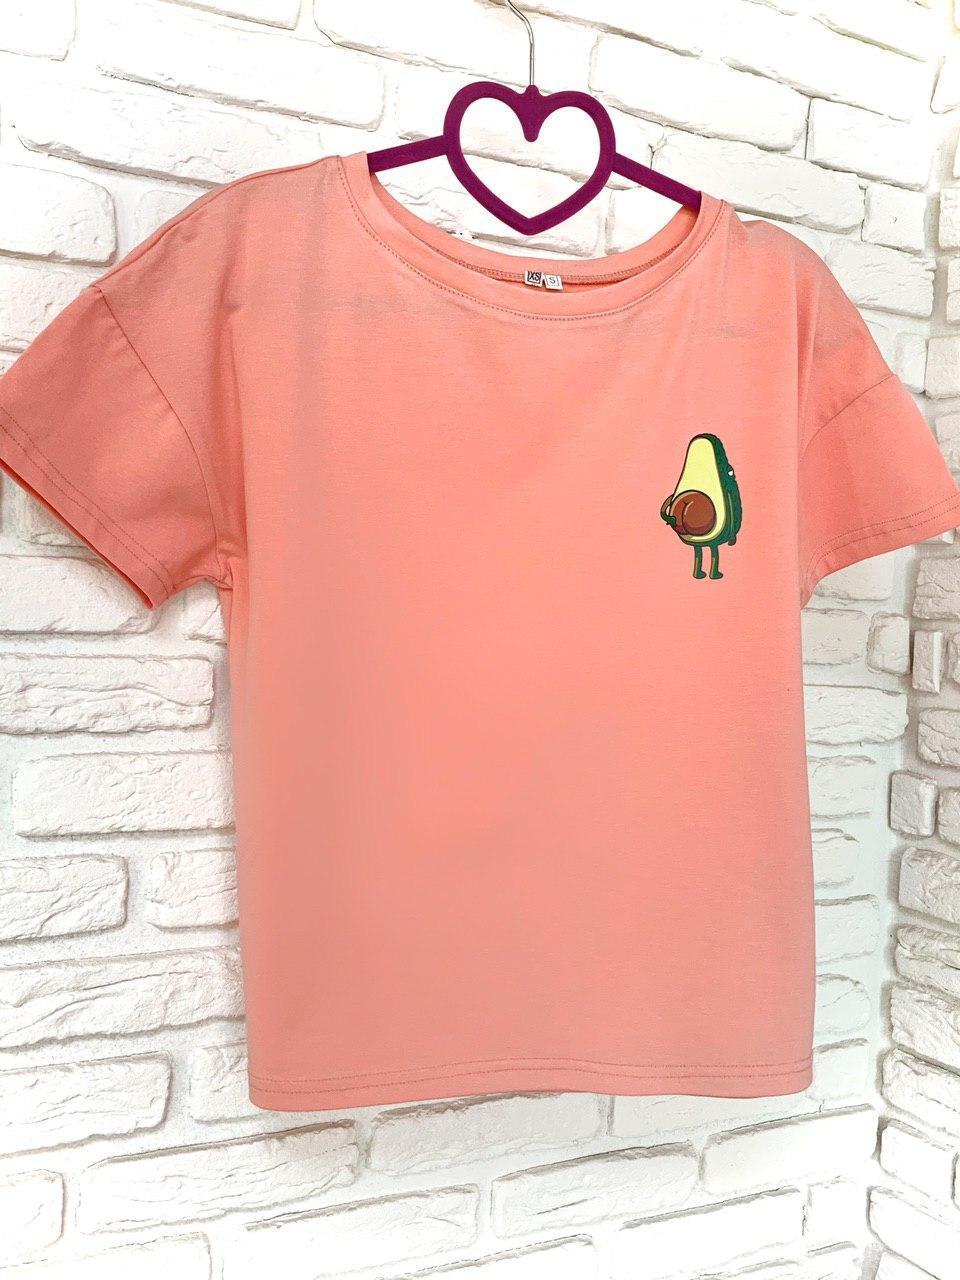 Женская футболка хлопок розовая с принтом Avocado авокадо SKL59-259666